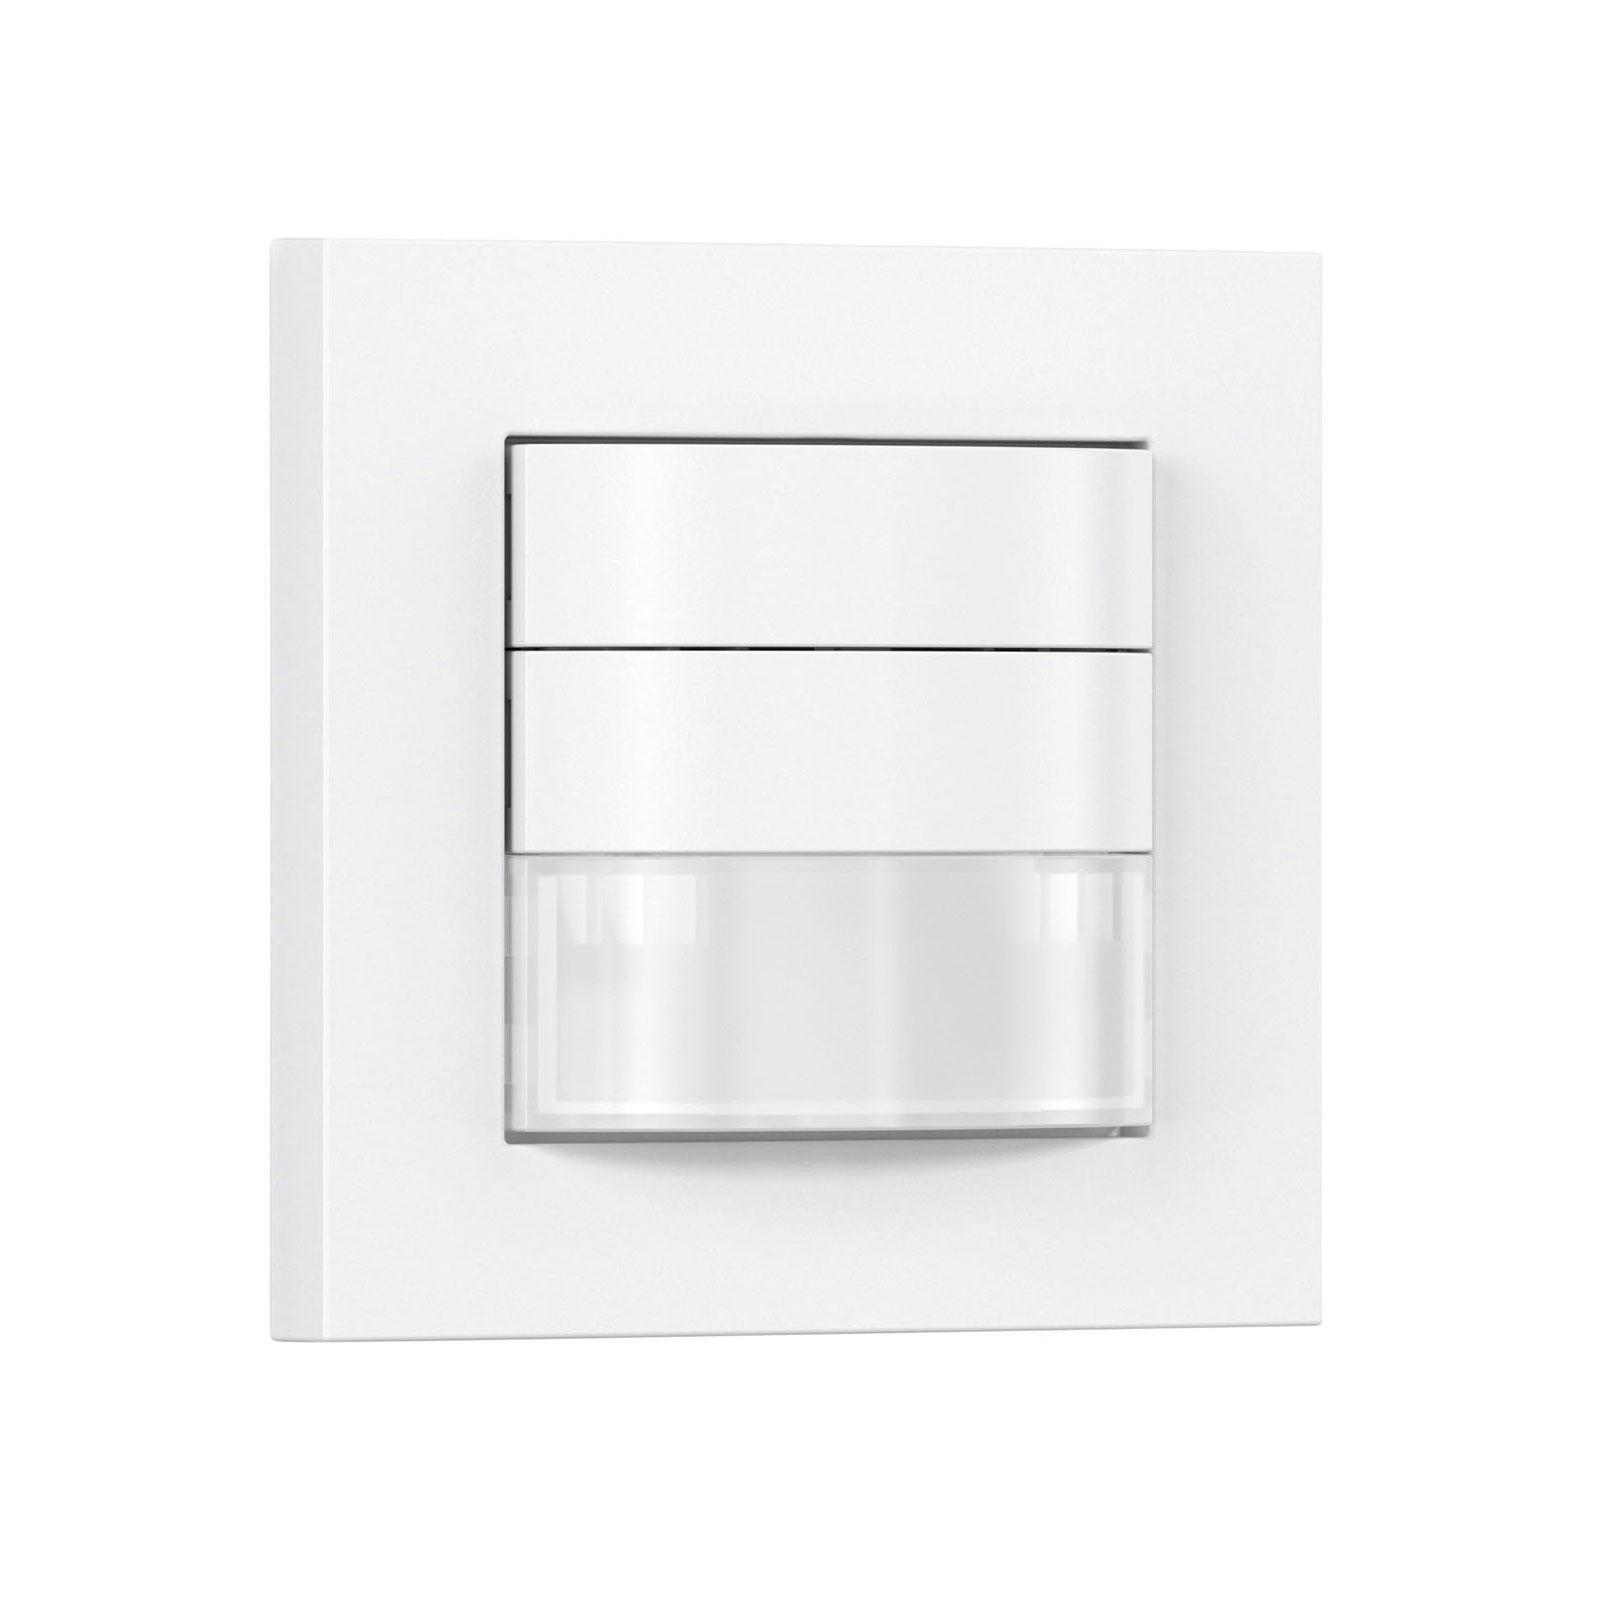 STEINEL HF 180 COM1 Präsenzschalter Unterputz weiß